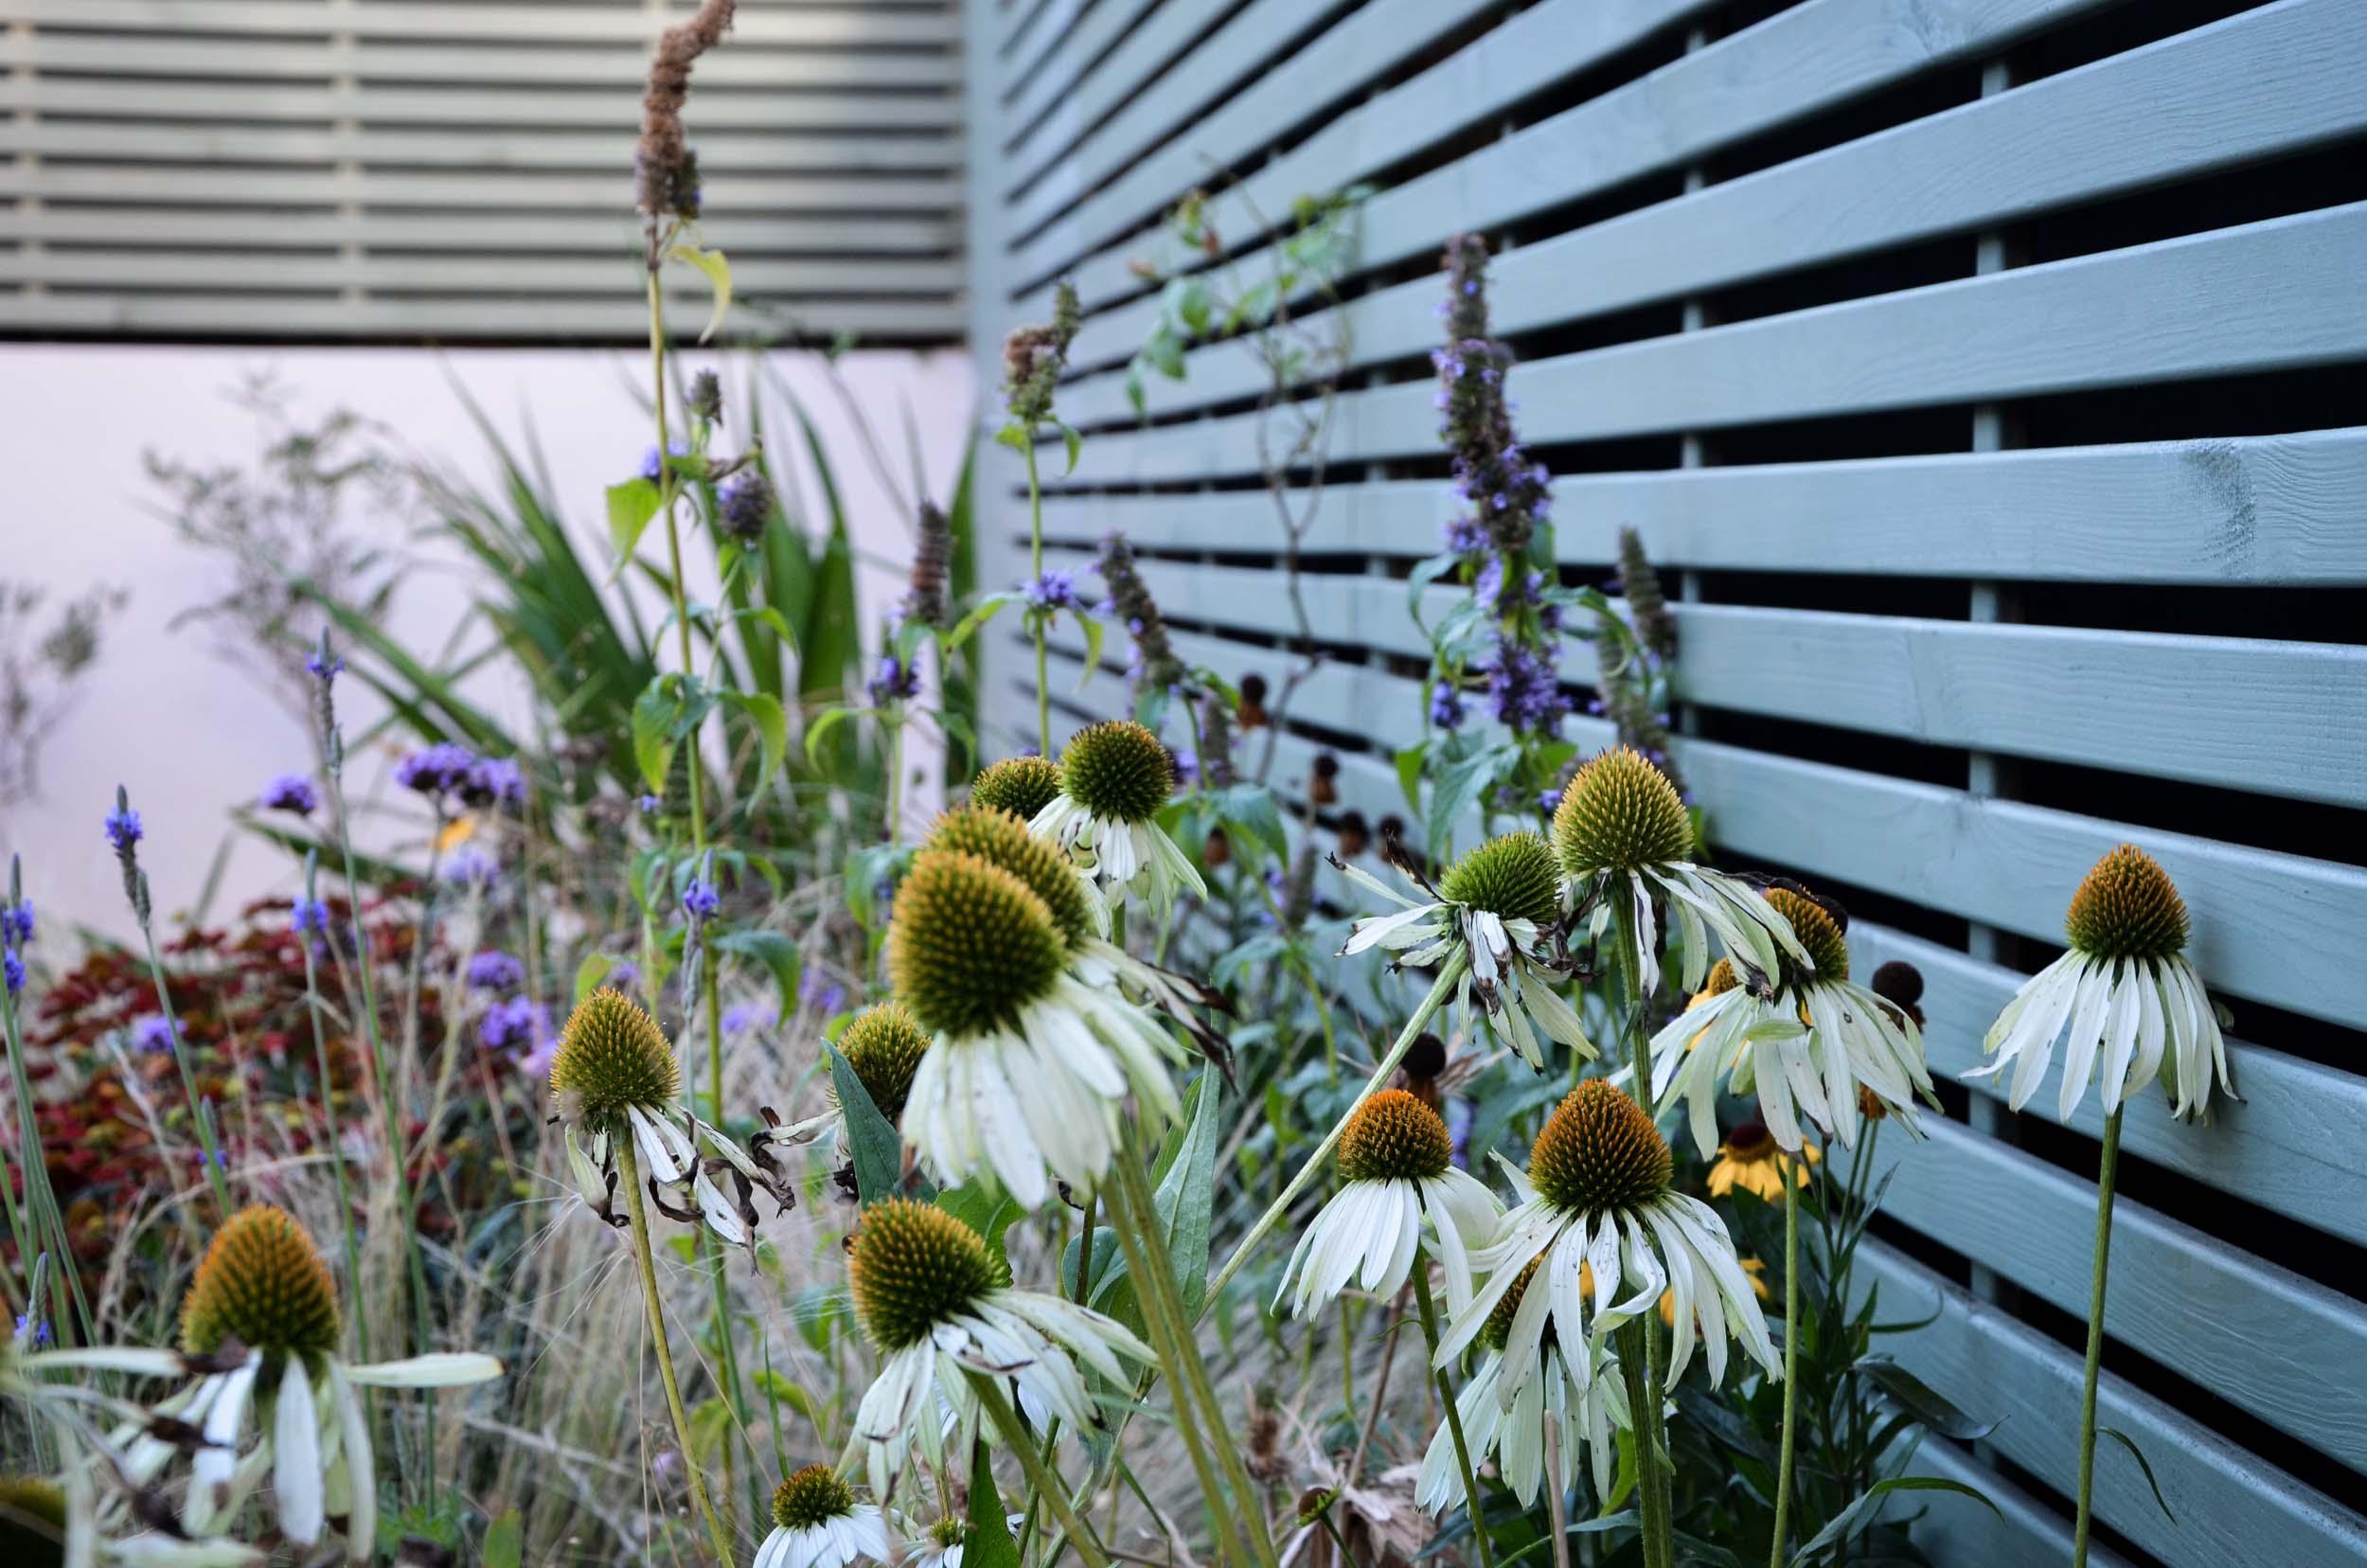 Azara-landscapes-chiswick-small-garden-1.jpg